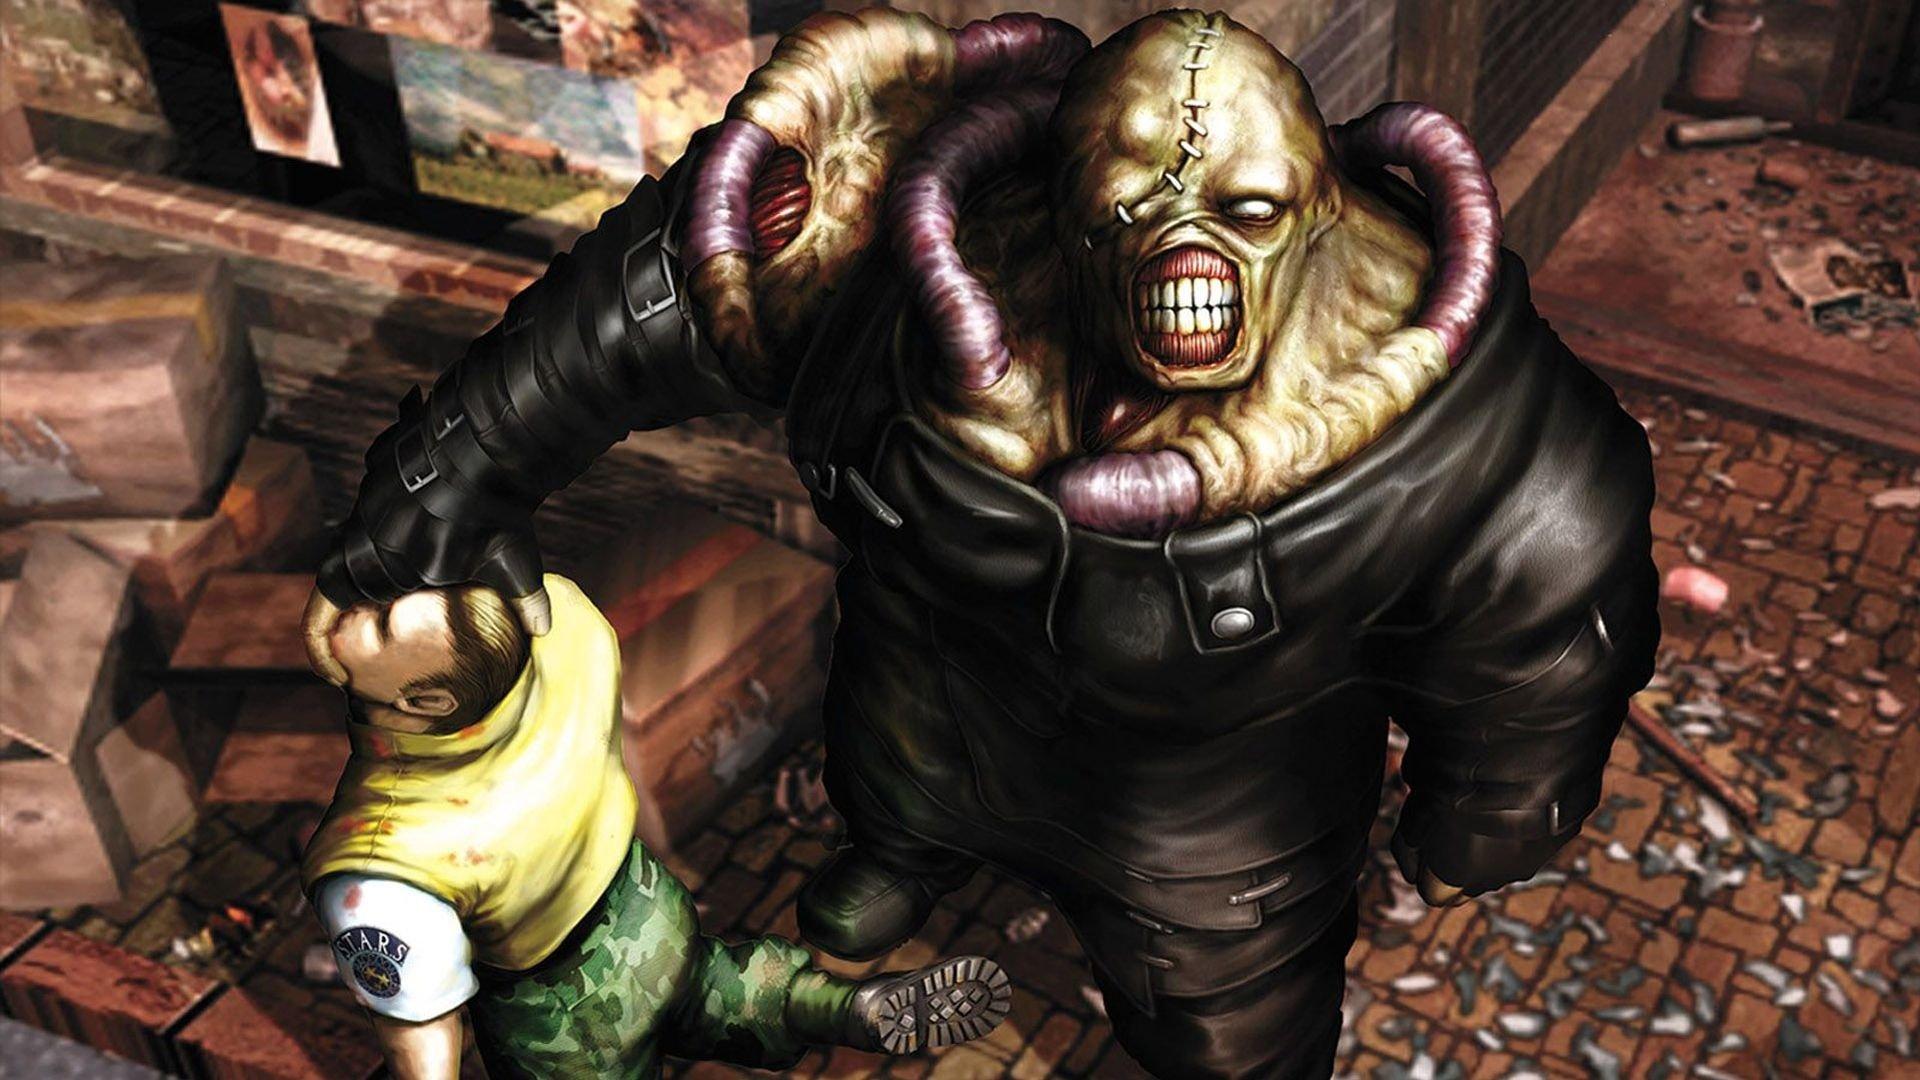 Šance na tvorbu remaku Resident Evil 3 tu jsou